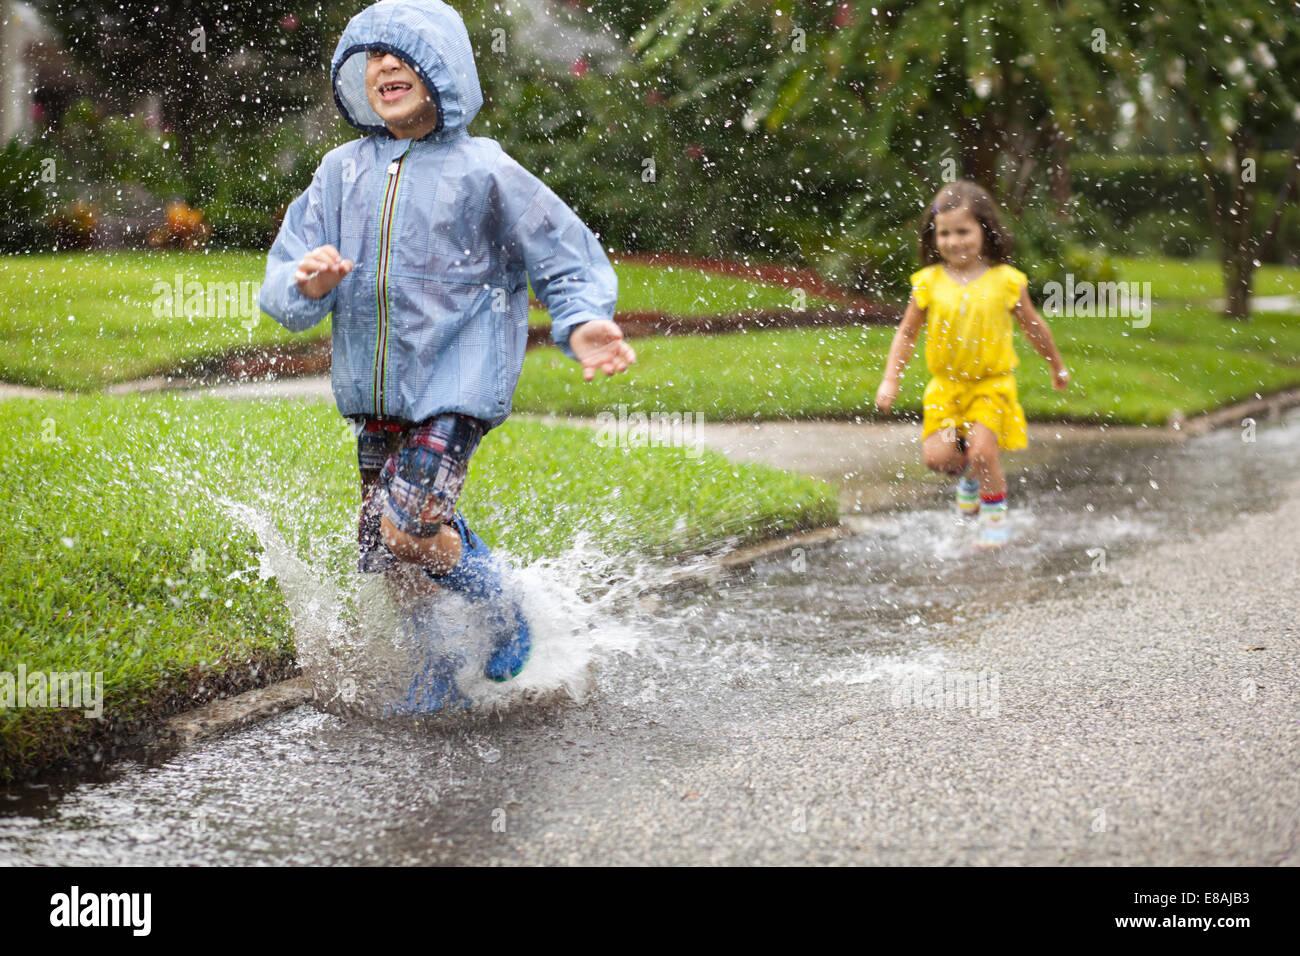 Chico y su hermana usando botas de goma girando y chapotear en charcos de lluvia Imagen De Stock